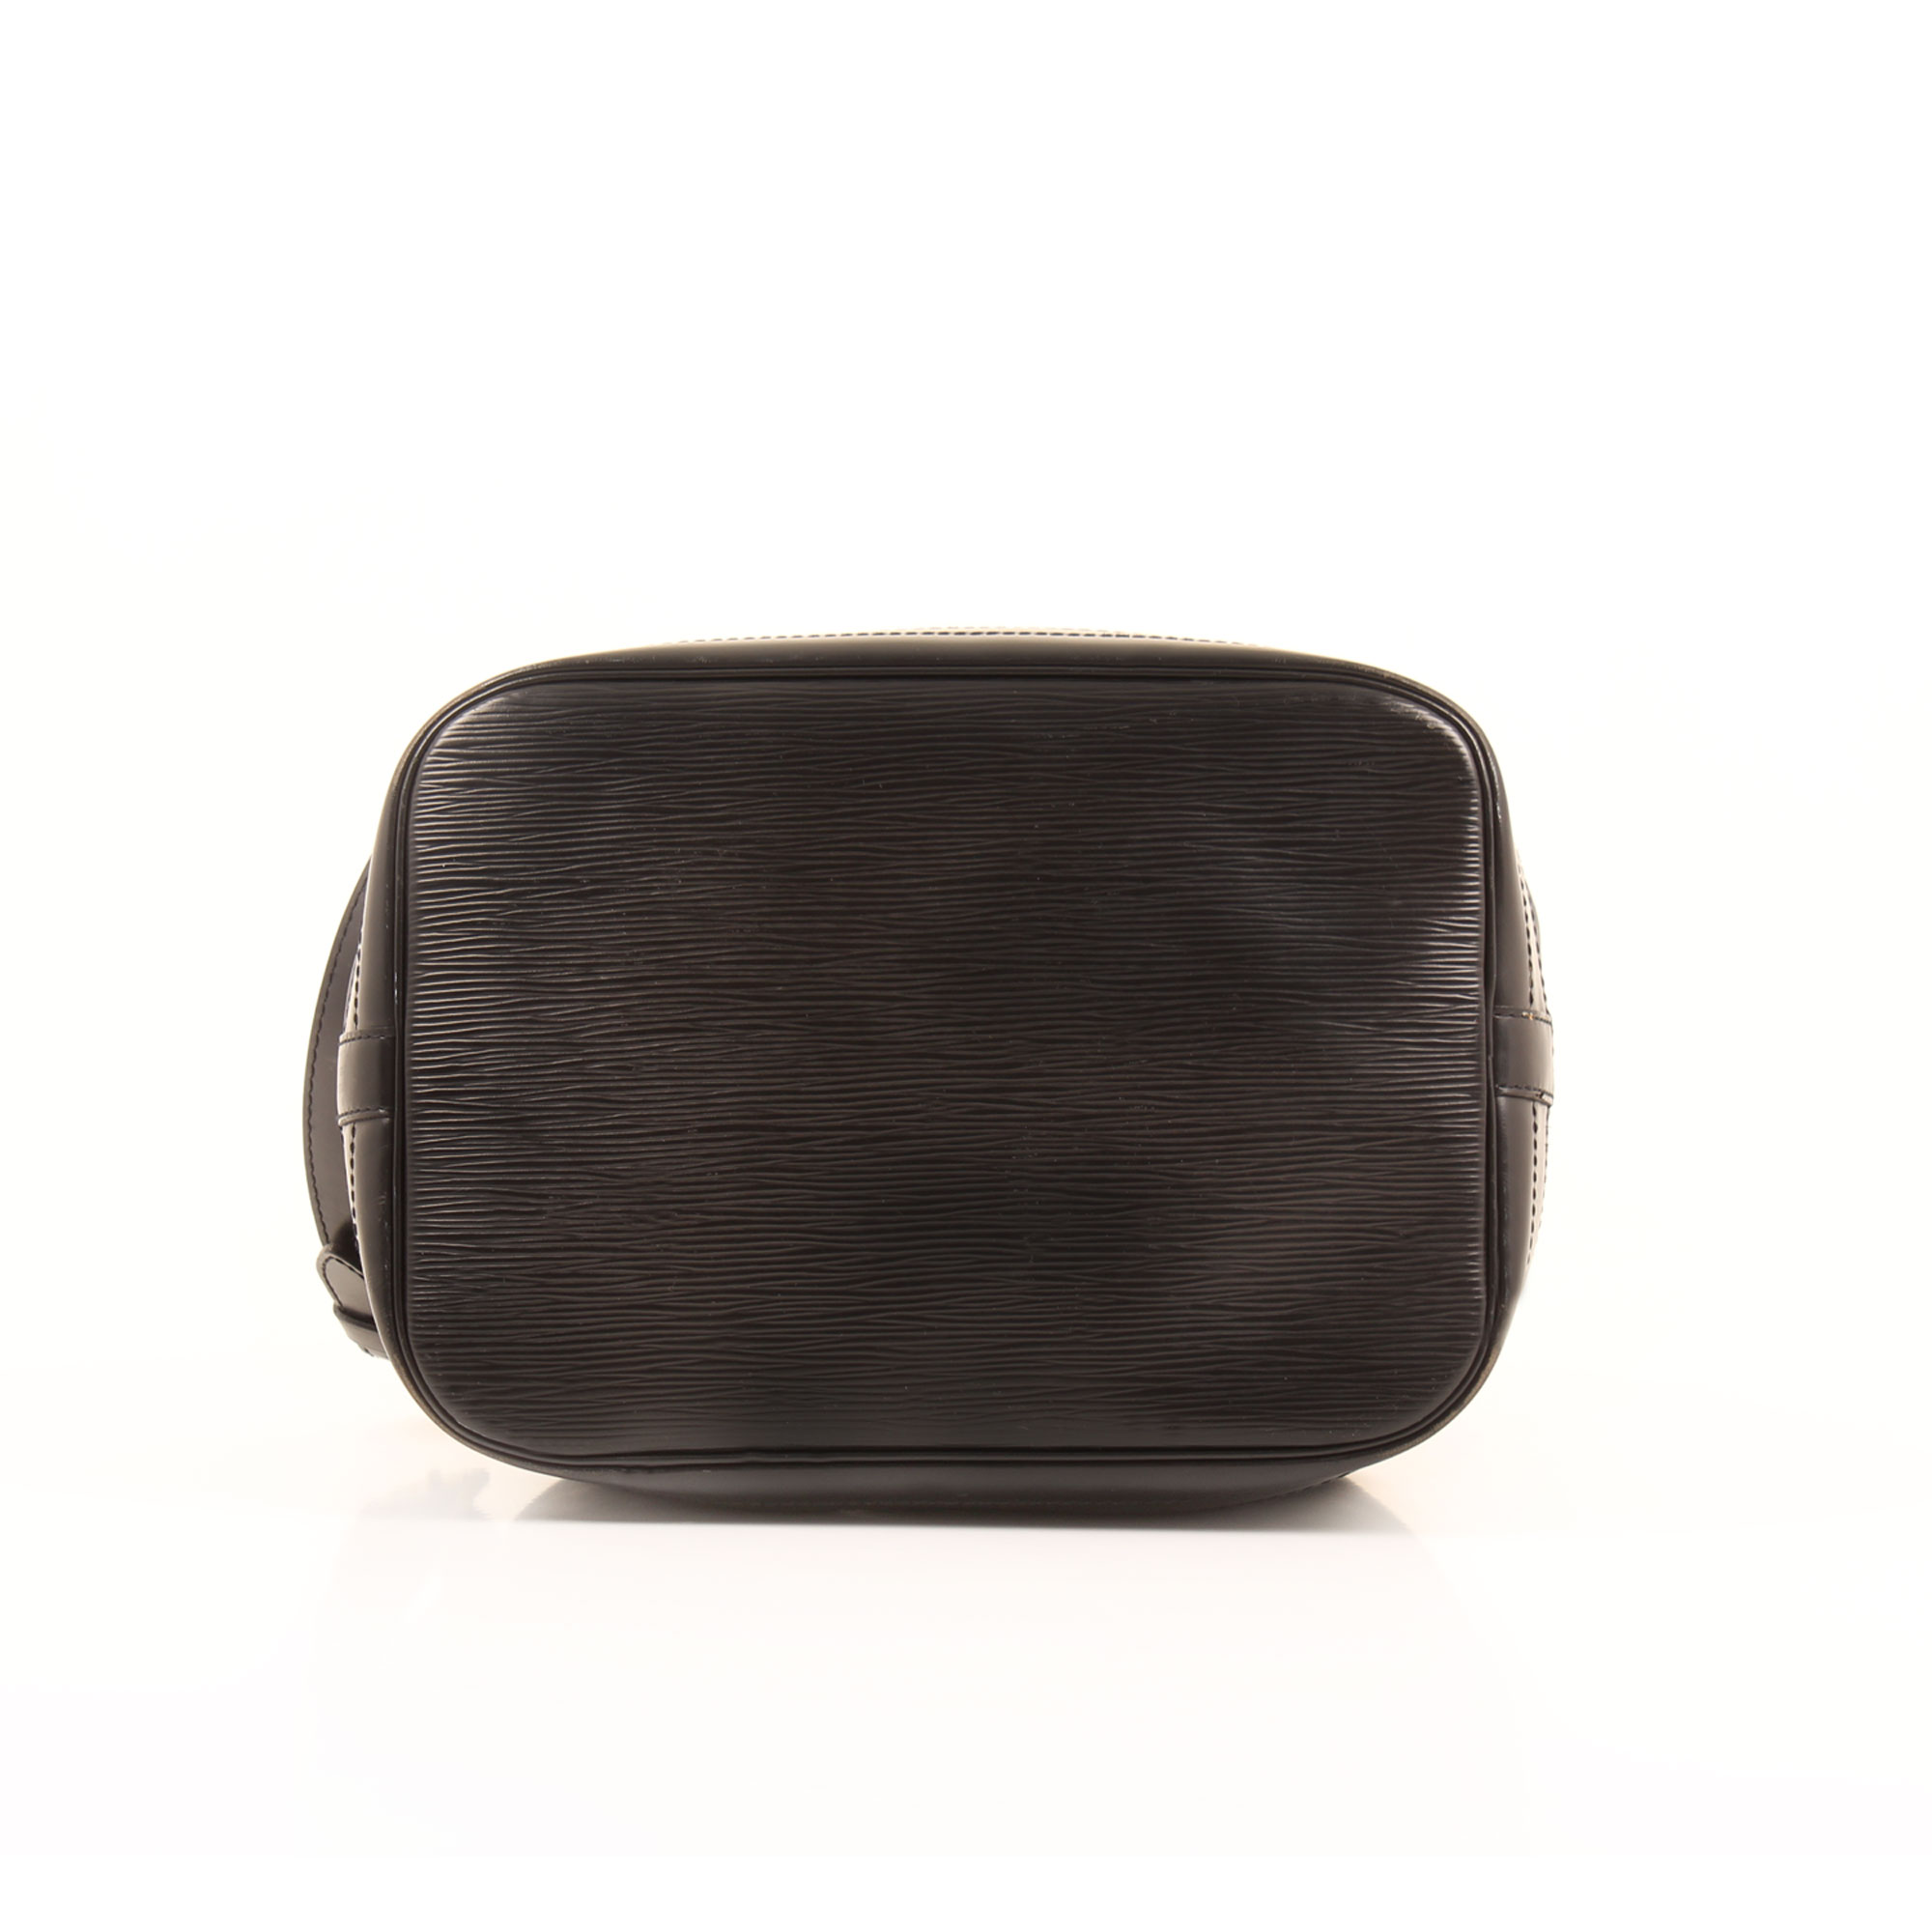 Imagen de la base del bolso louis vuitton bolso noe epi negro